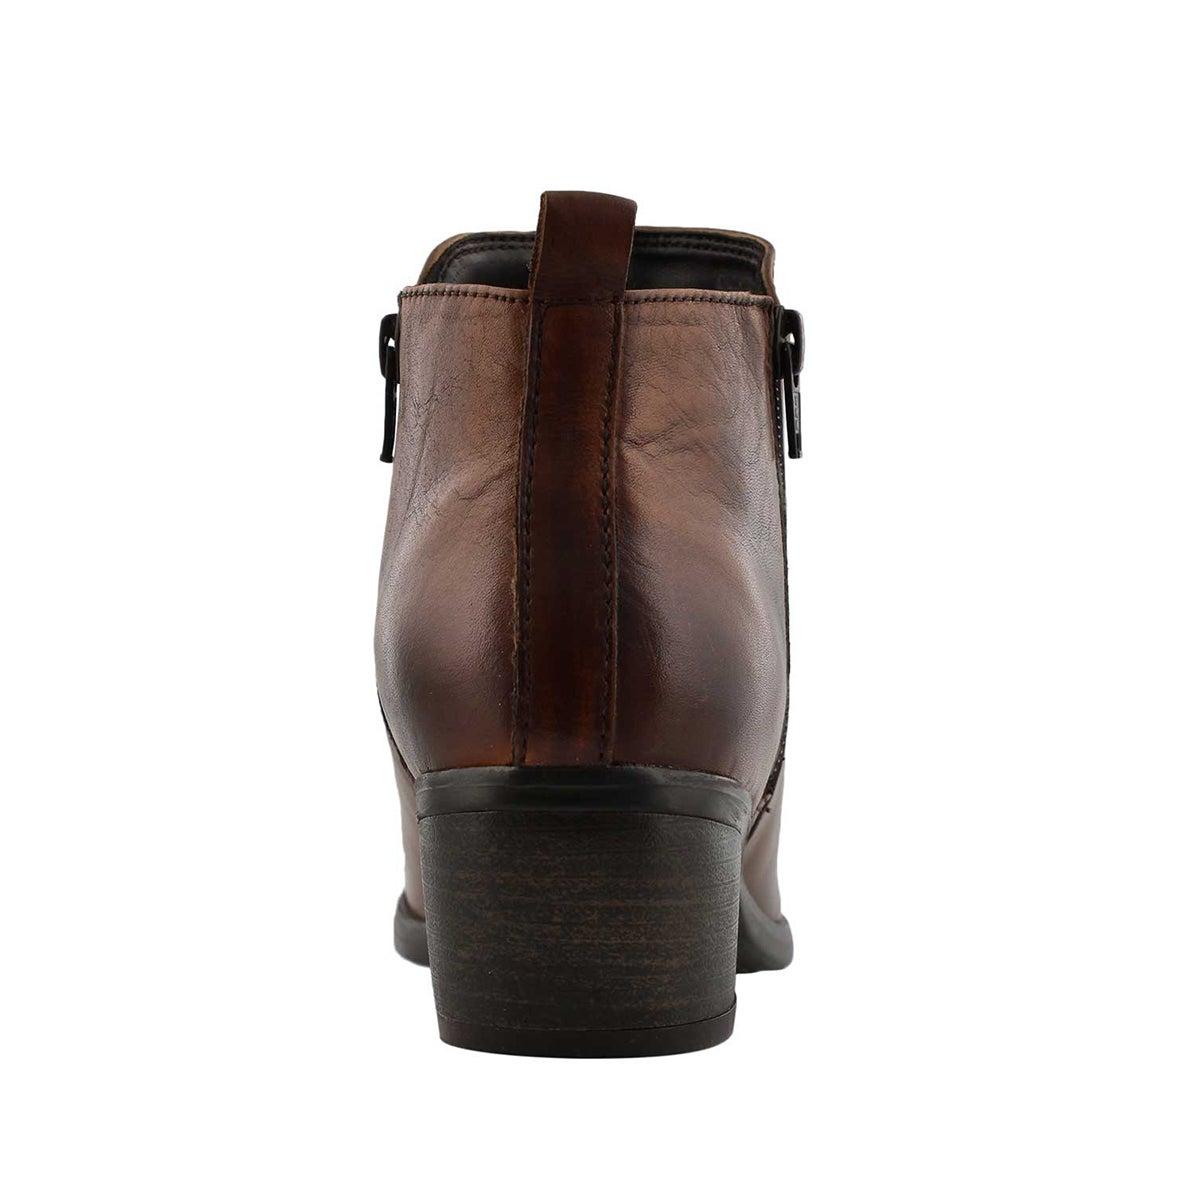 Lds Davina cognac double side zip bootie